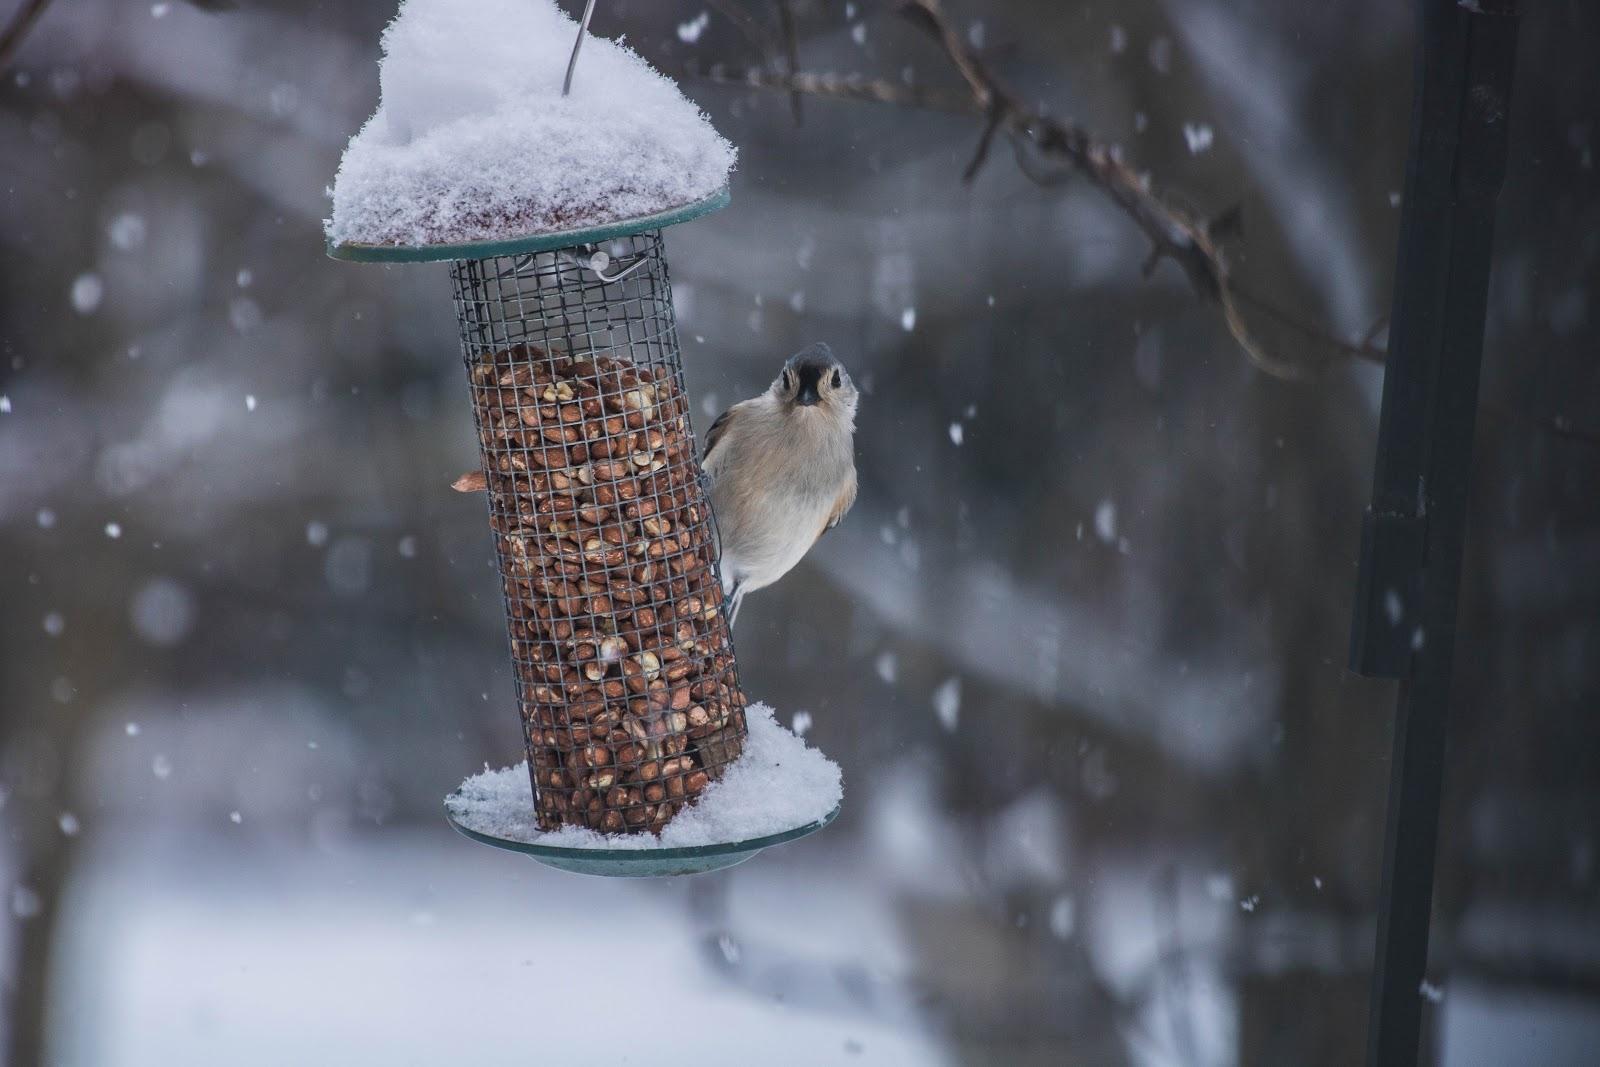 Bird watching from a feeder.